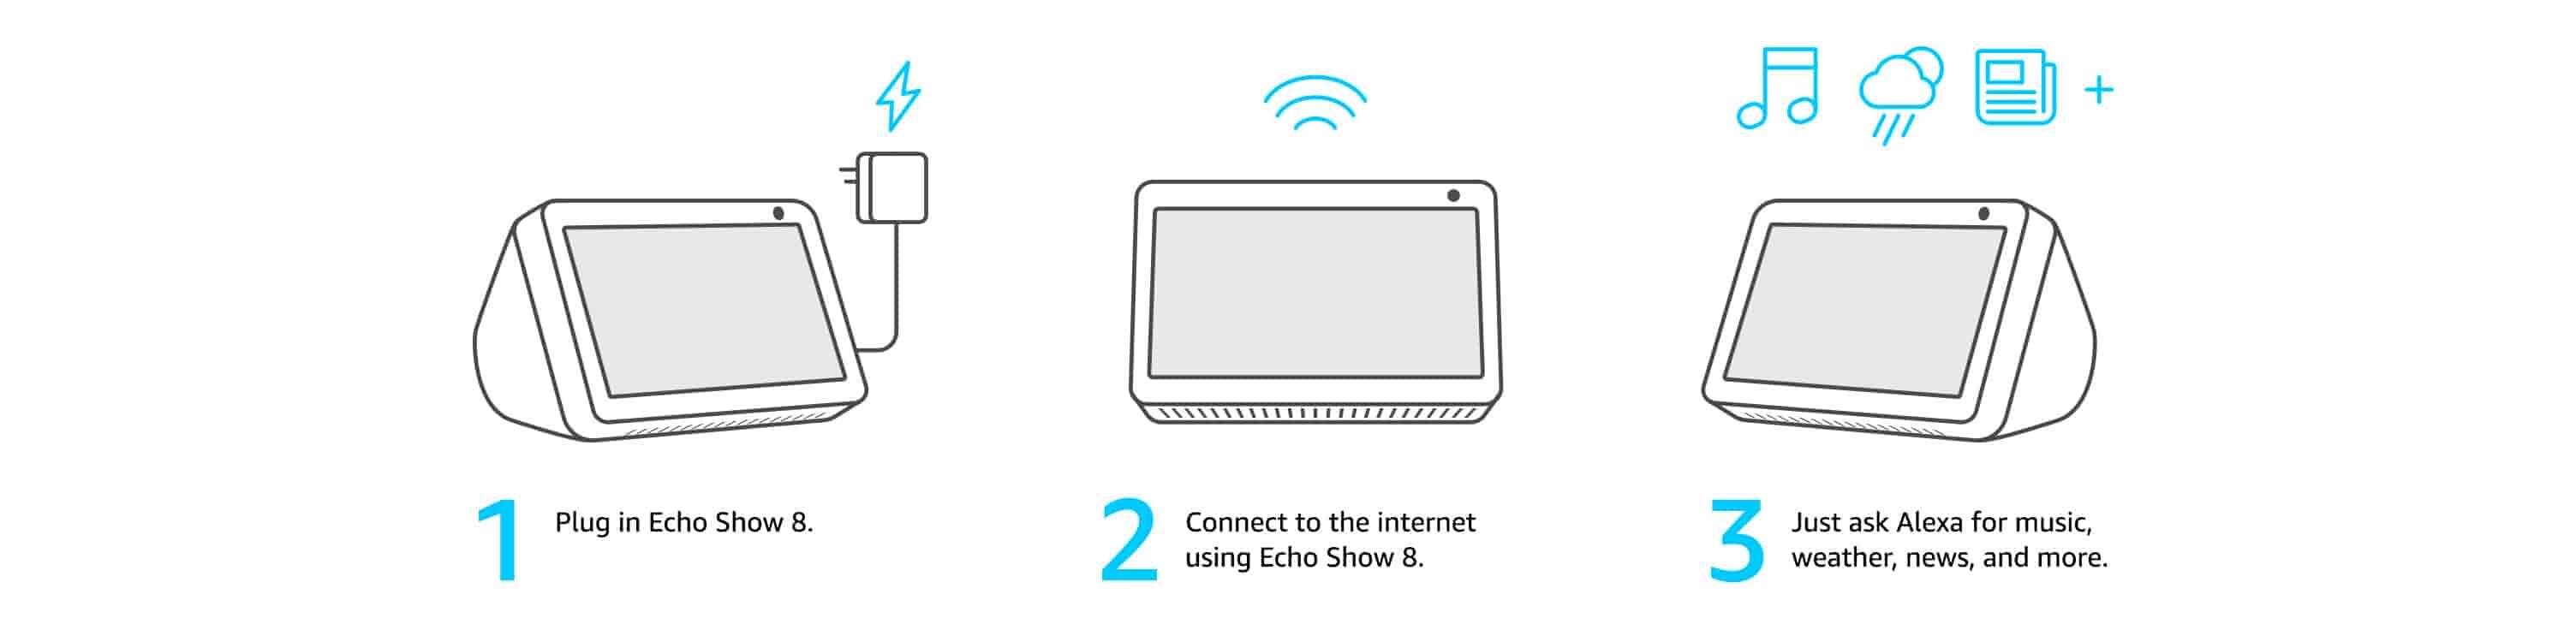 Echo Show 8 Setup